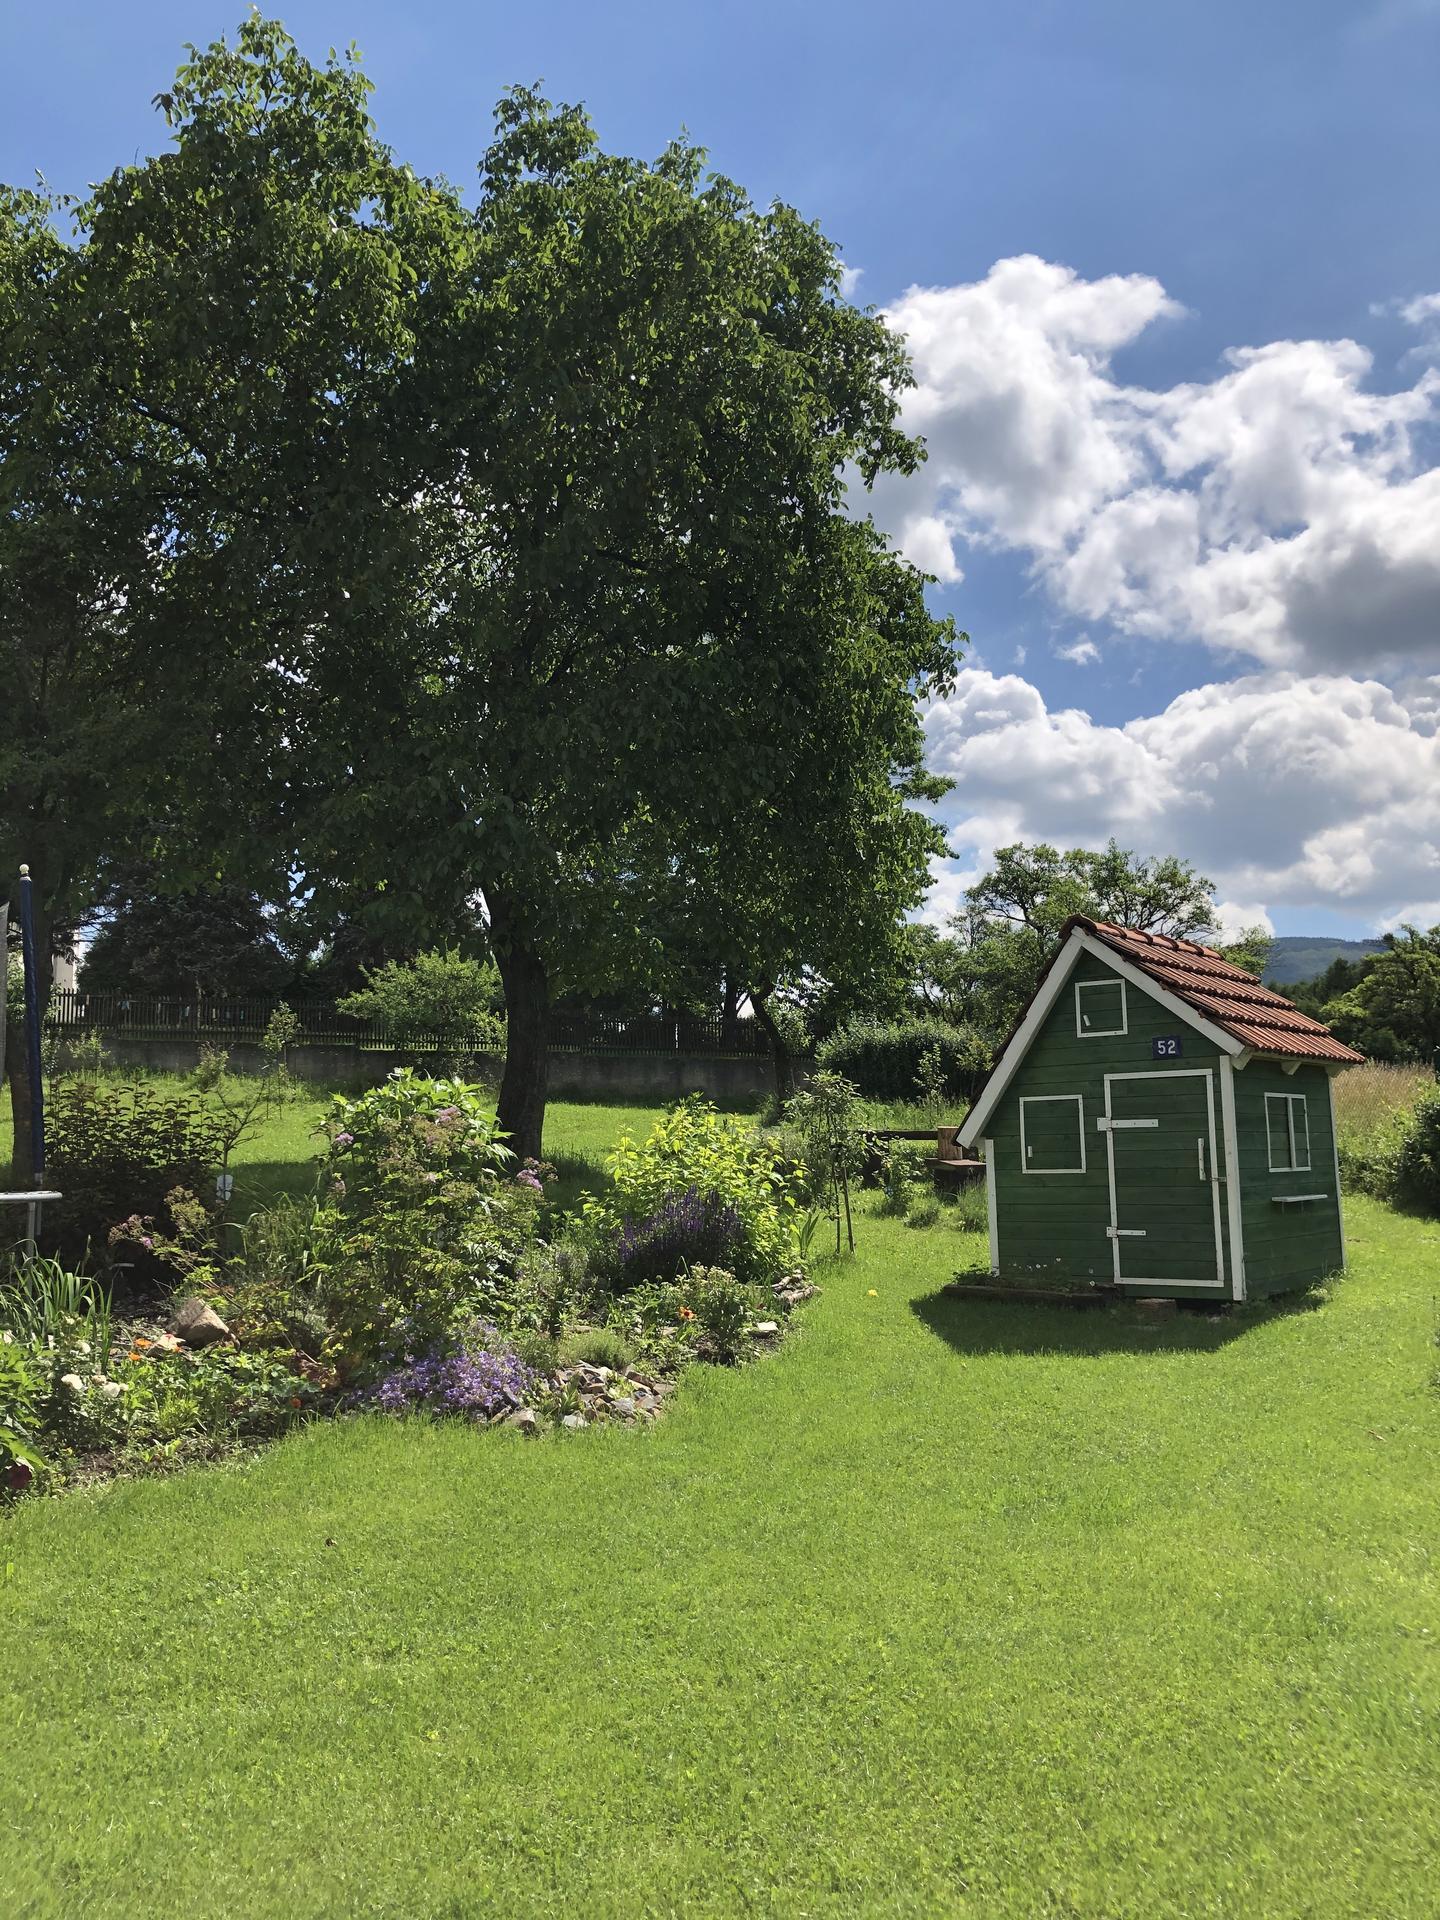 U nás doma a na zahradě 2020 - Obrázek č. 98